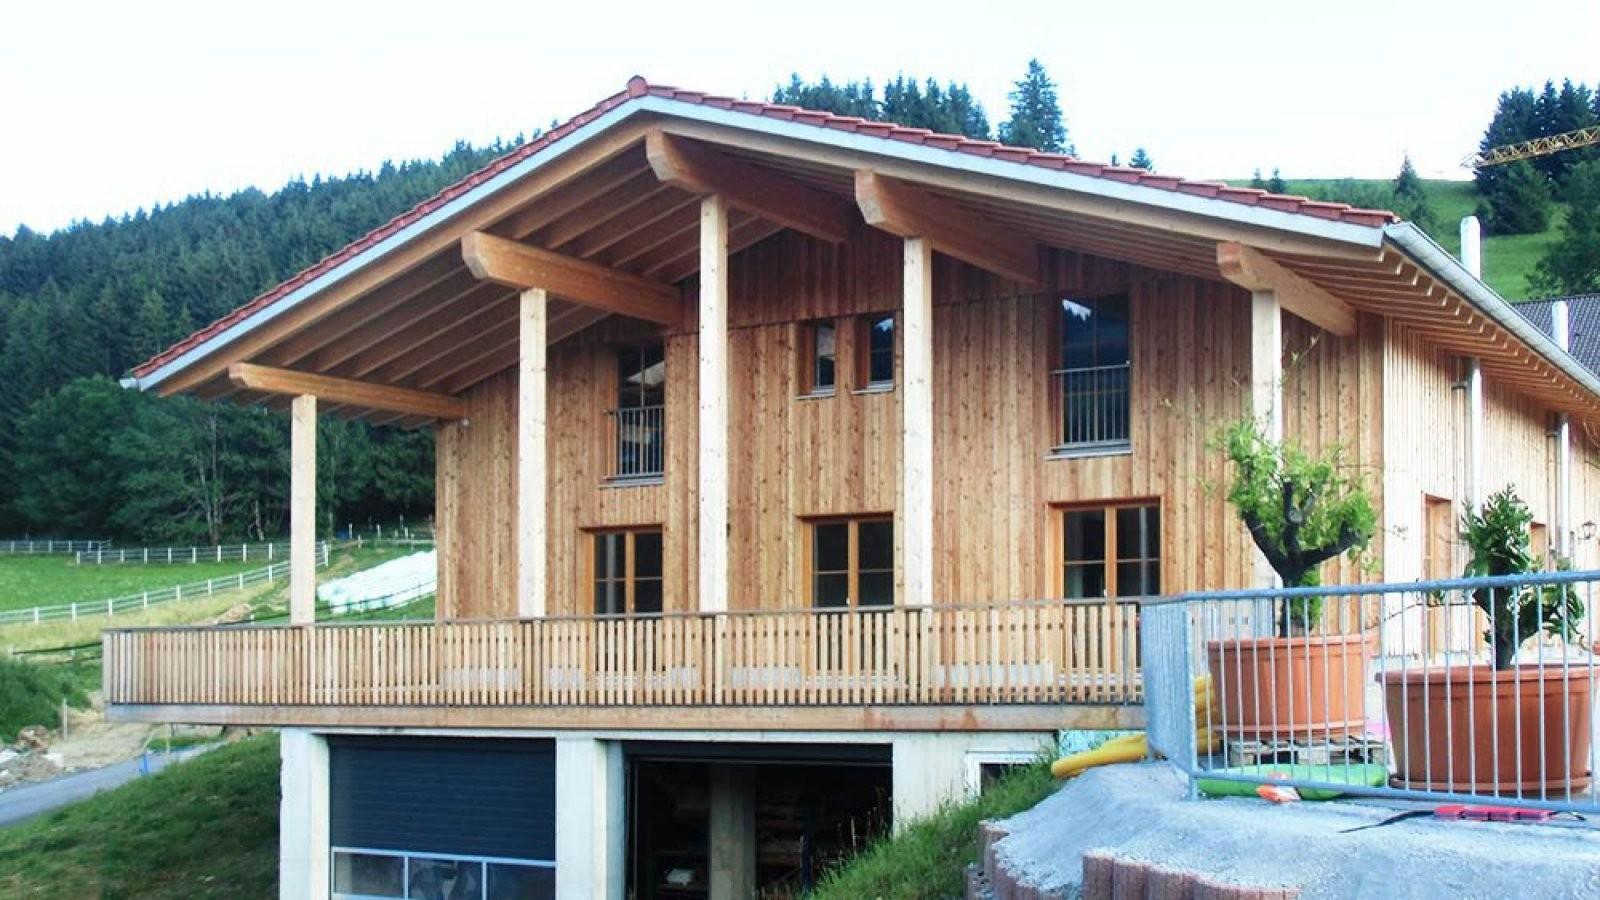 Holzhaus Bauen Lassen  Günstig  Schlüsselfertig  Völk von Blockhaus Selber Bauen Kosten Bild